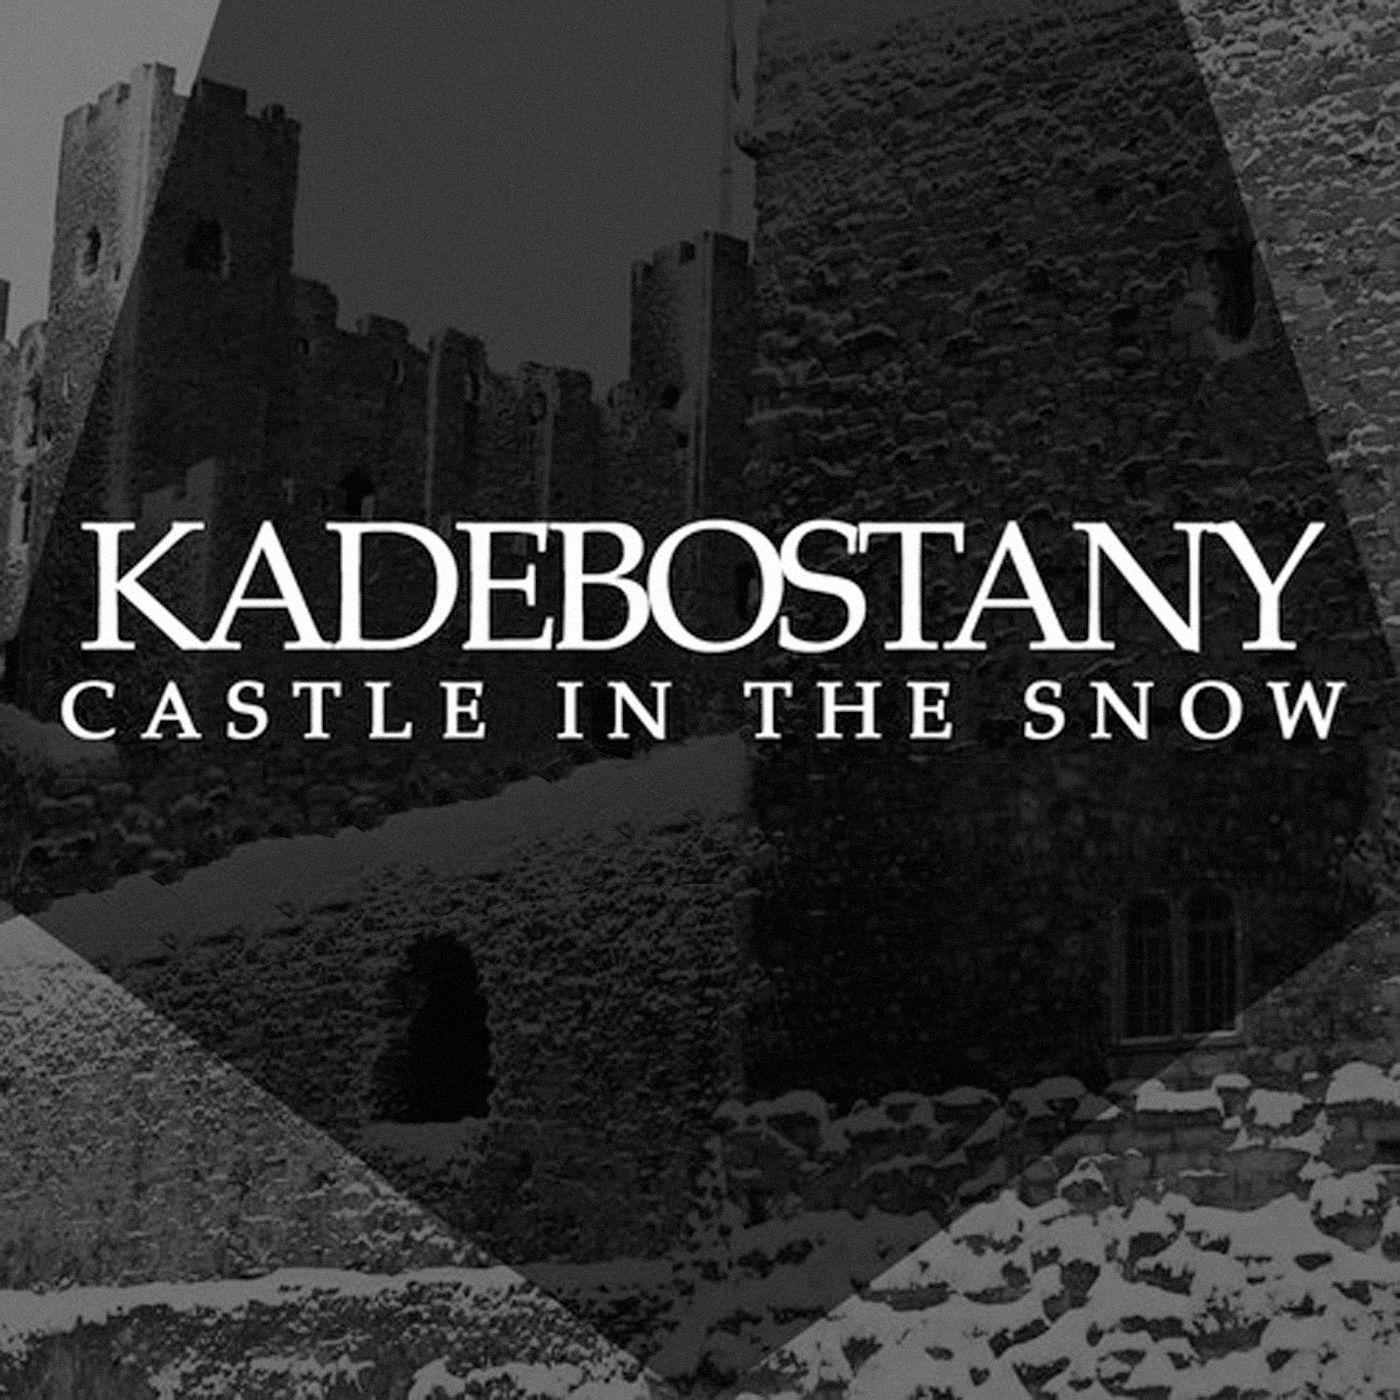 Скачать kadebostany castle in the snow remix.